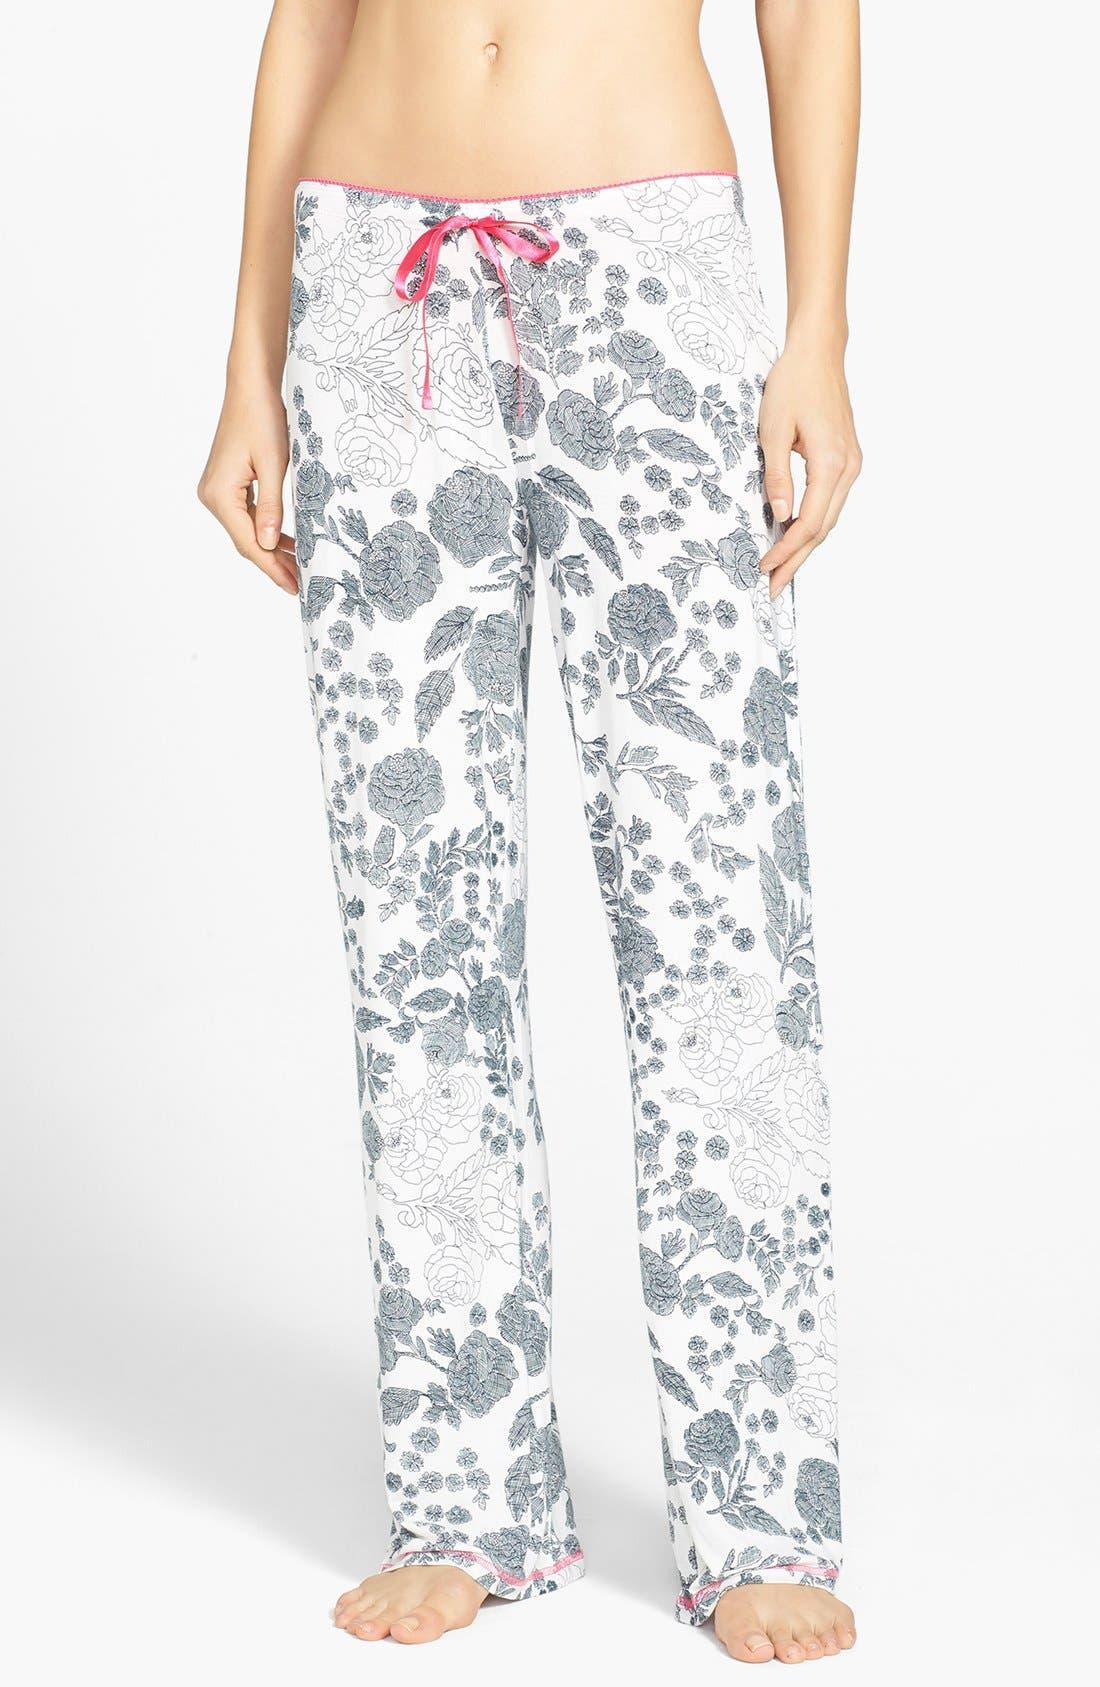 Alternate Image 1 Selected - PJ Salvage 'Sweet Floral' Pants